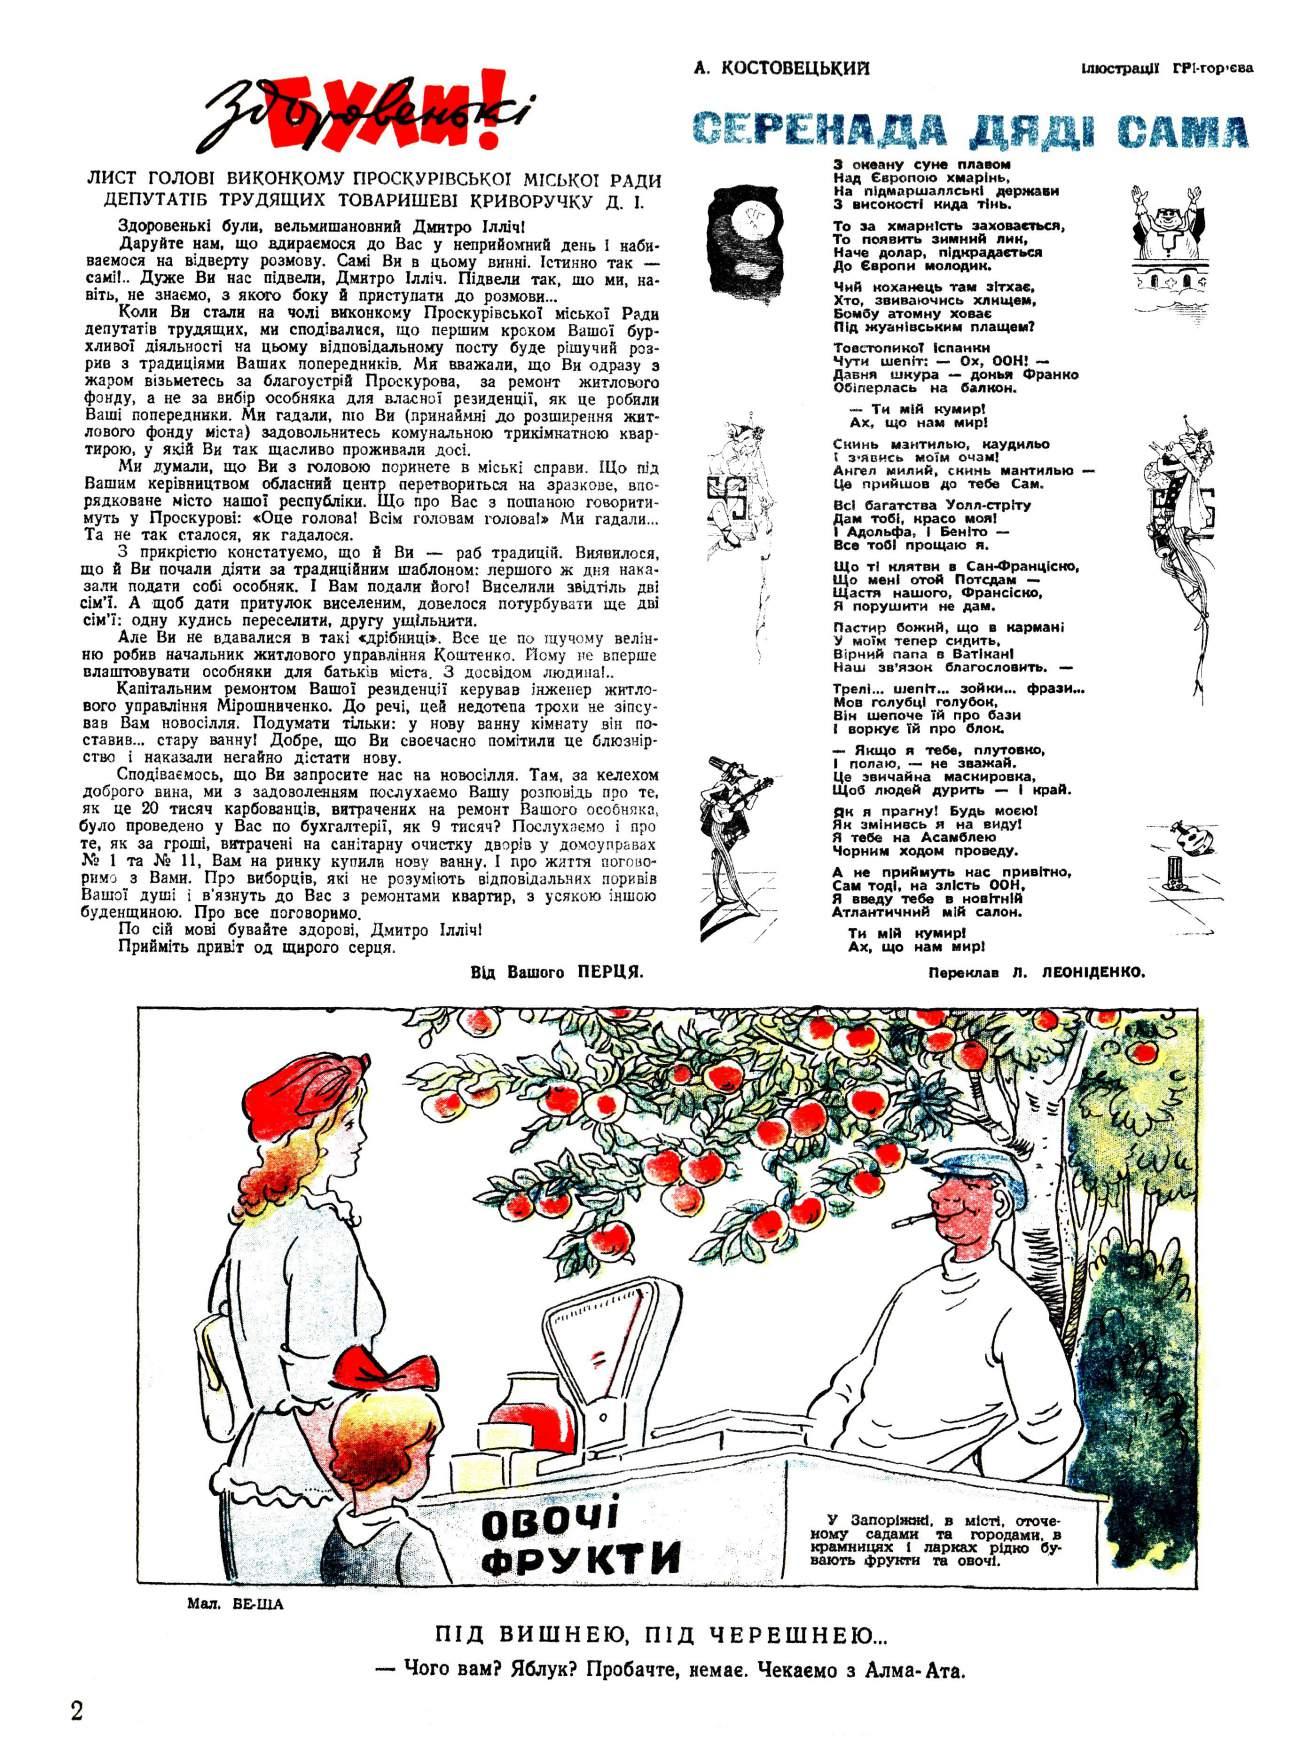 Журнал перець 1949 №16